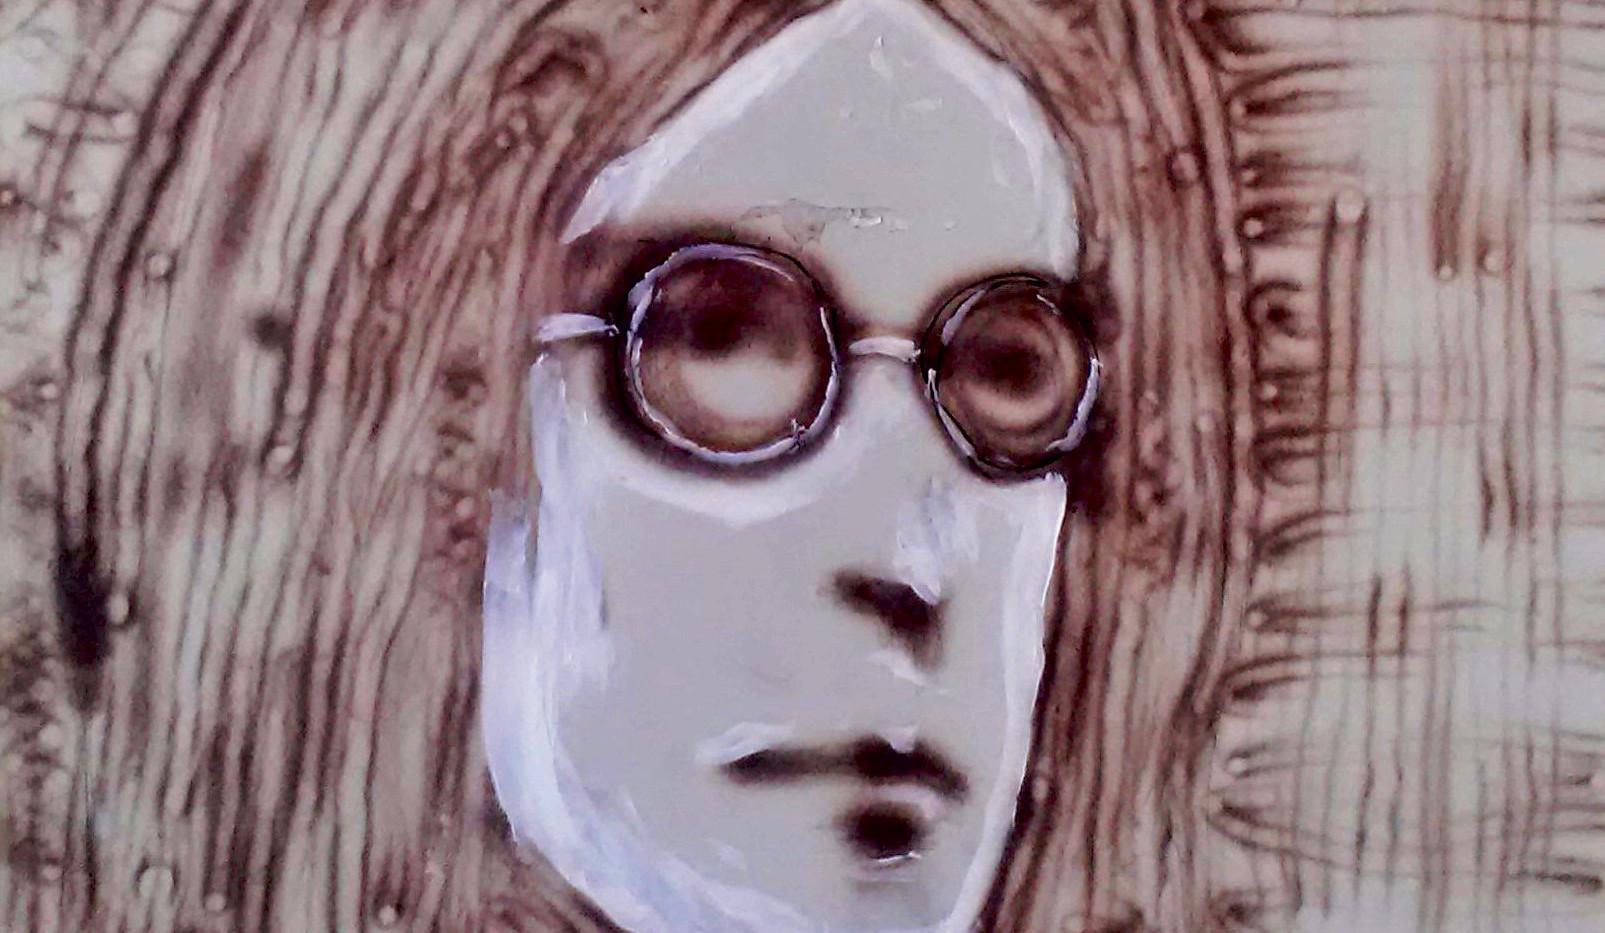 John Lennon. Fire on Drywall.